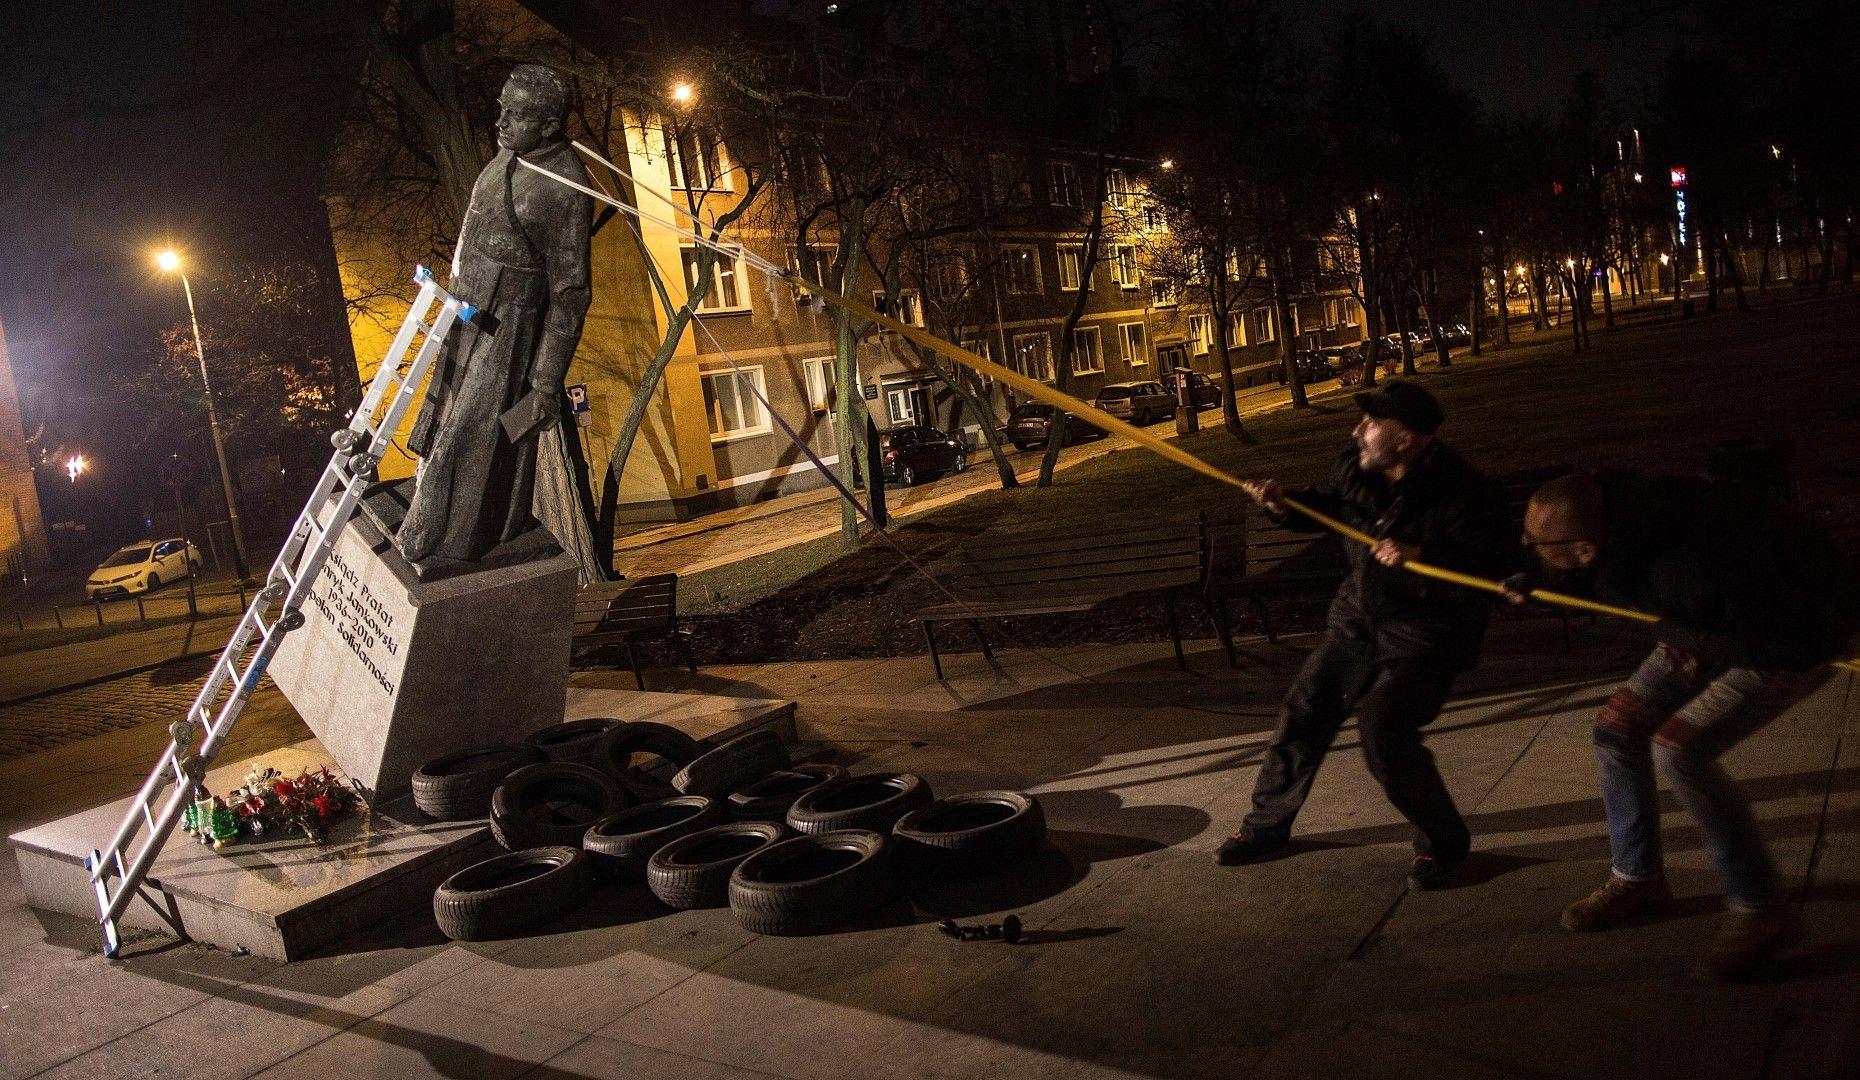 Събарят статуята на отец Хенрик Янковски в Гданск